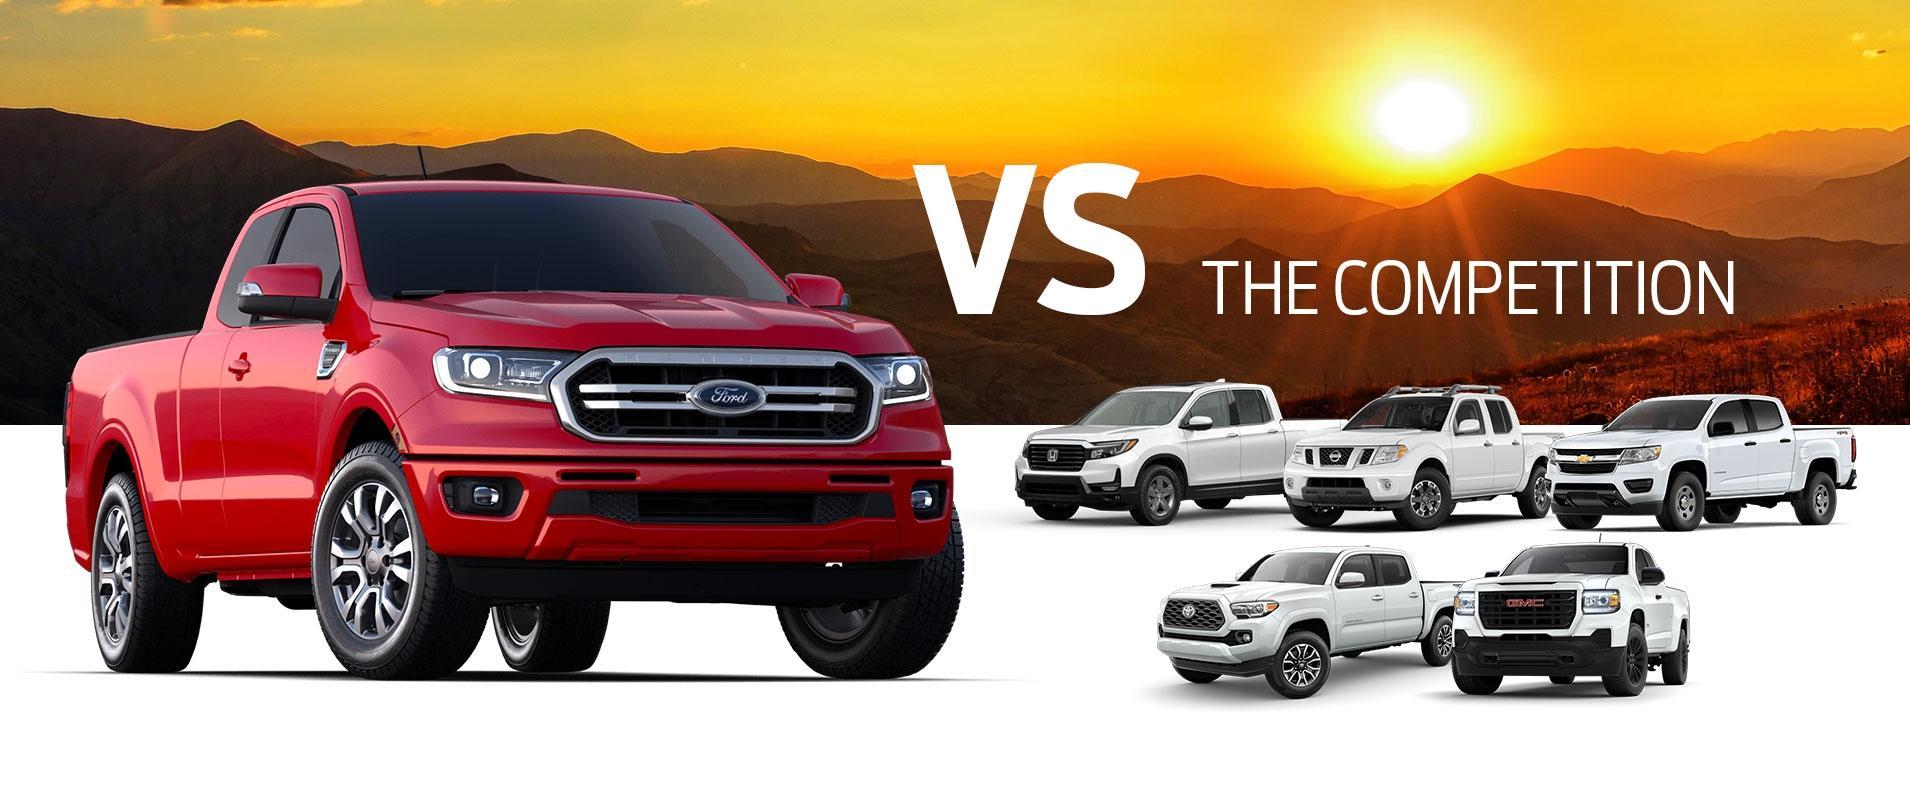 Ranger vs Competition